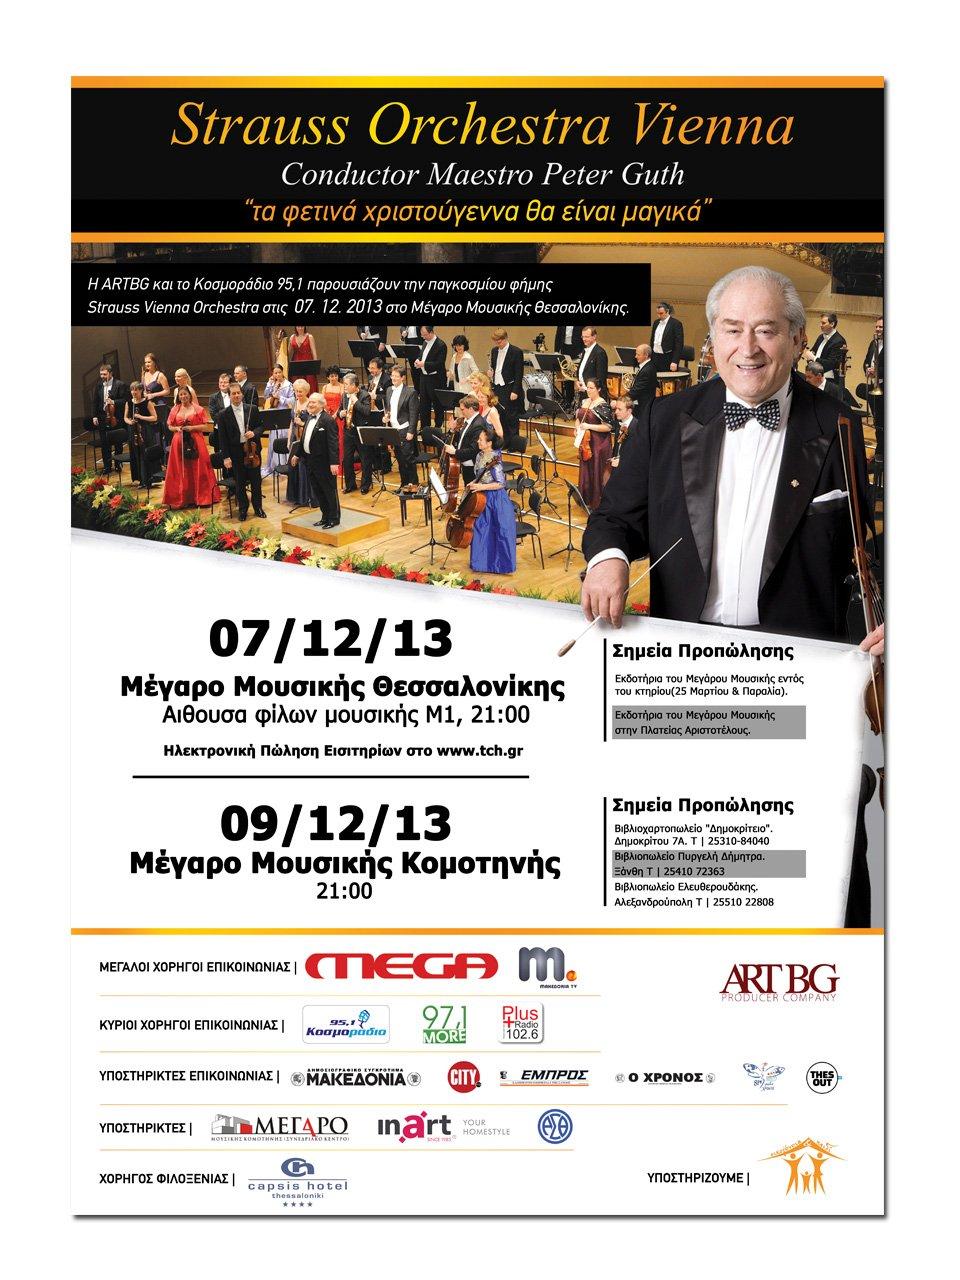 Strauss Vienna Orchestra - Poster